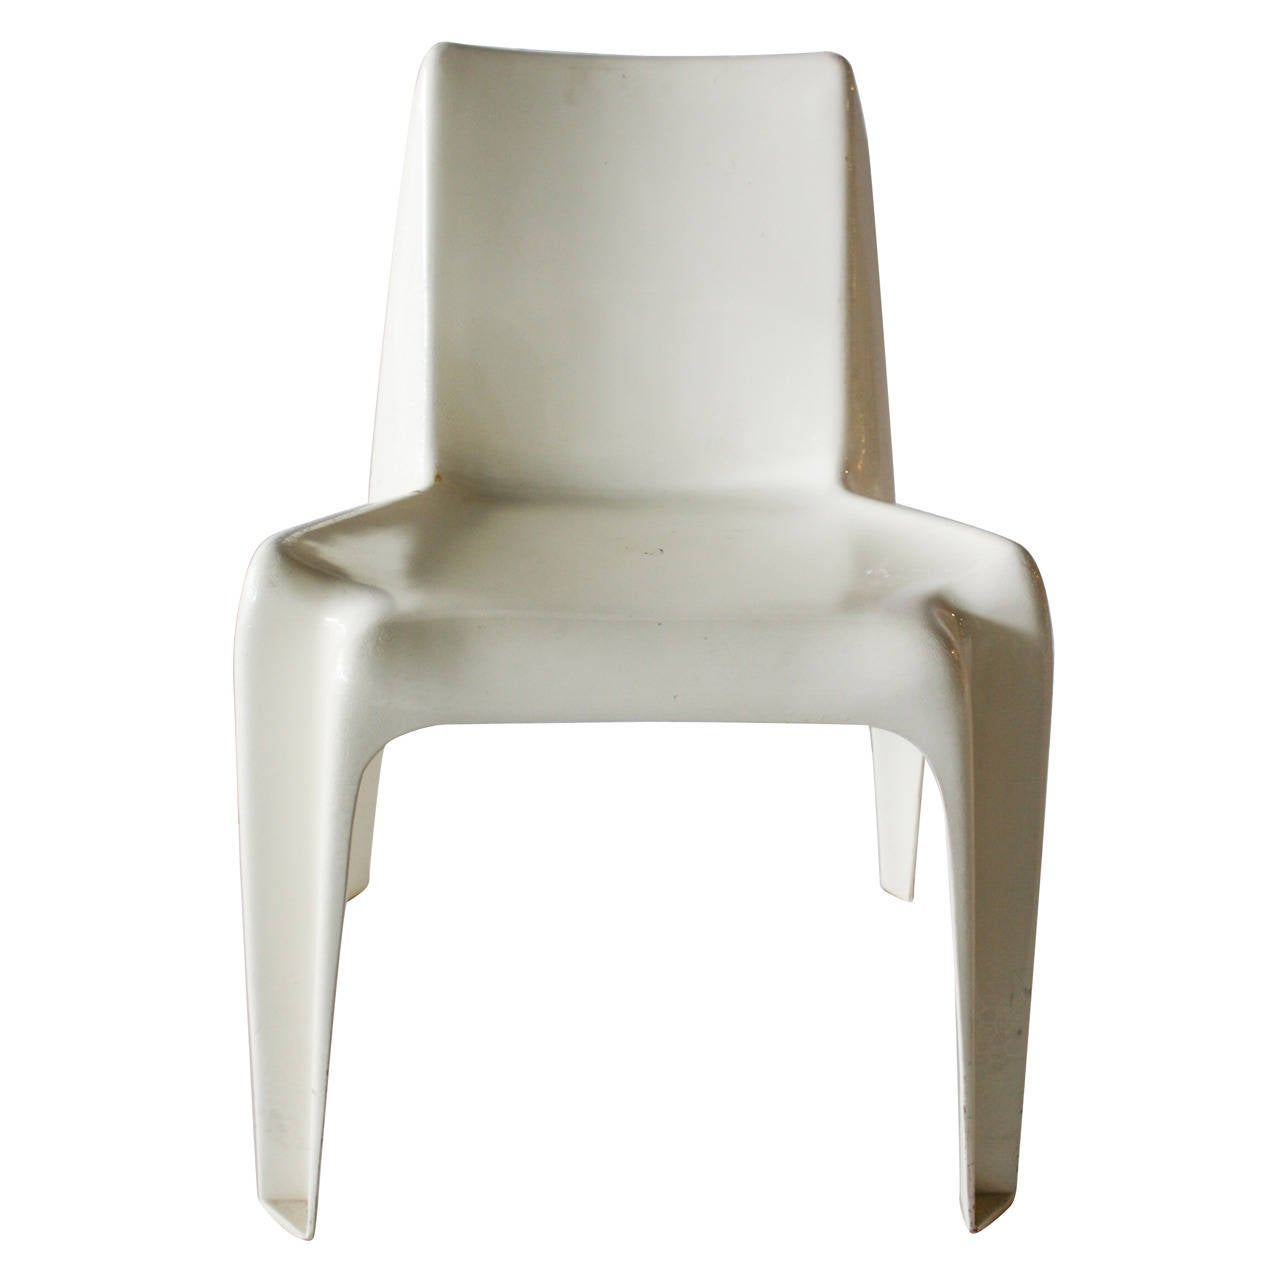 White Molded Fiberglass Chair at 1stdibs